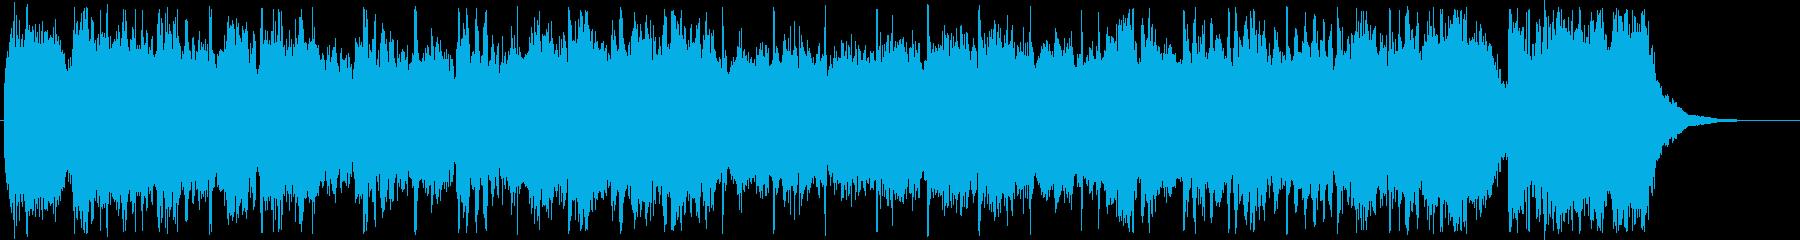 場面の変化に利用できるショートソングの再生済みの波形